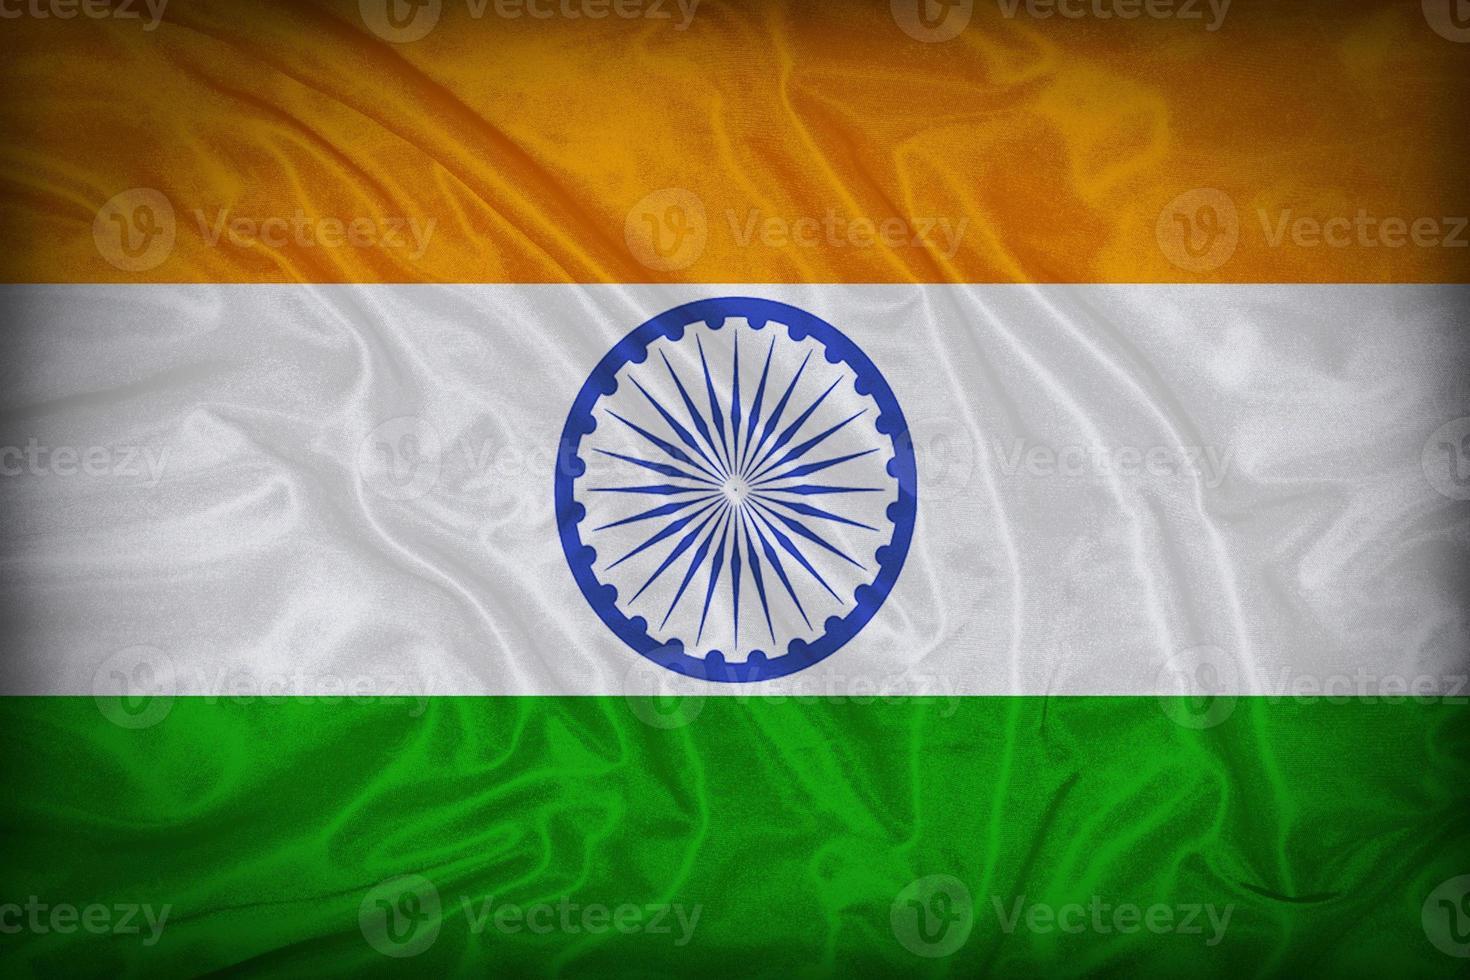 Modèle de drapeau de l'Inde sur la texture du tissu, style vintage photo